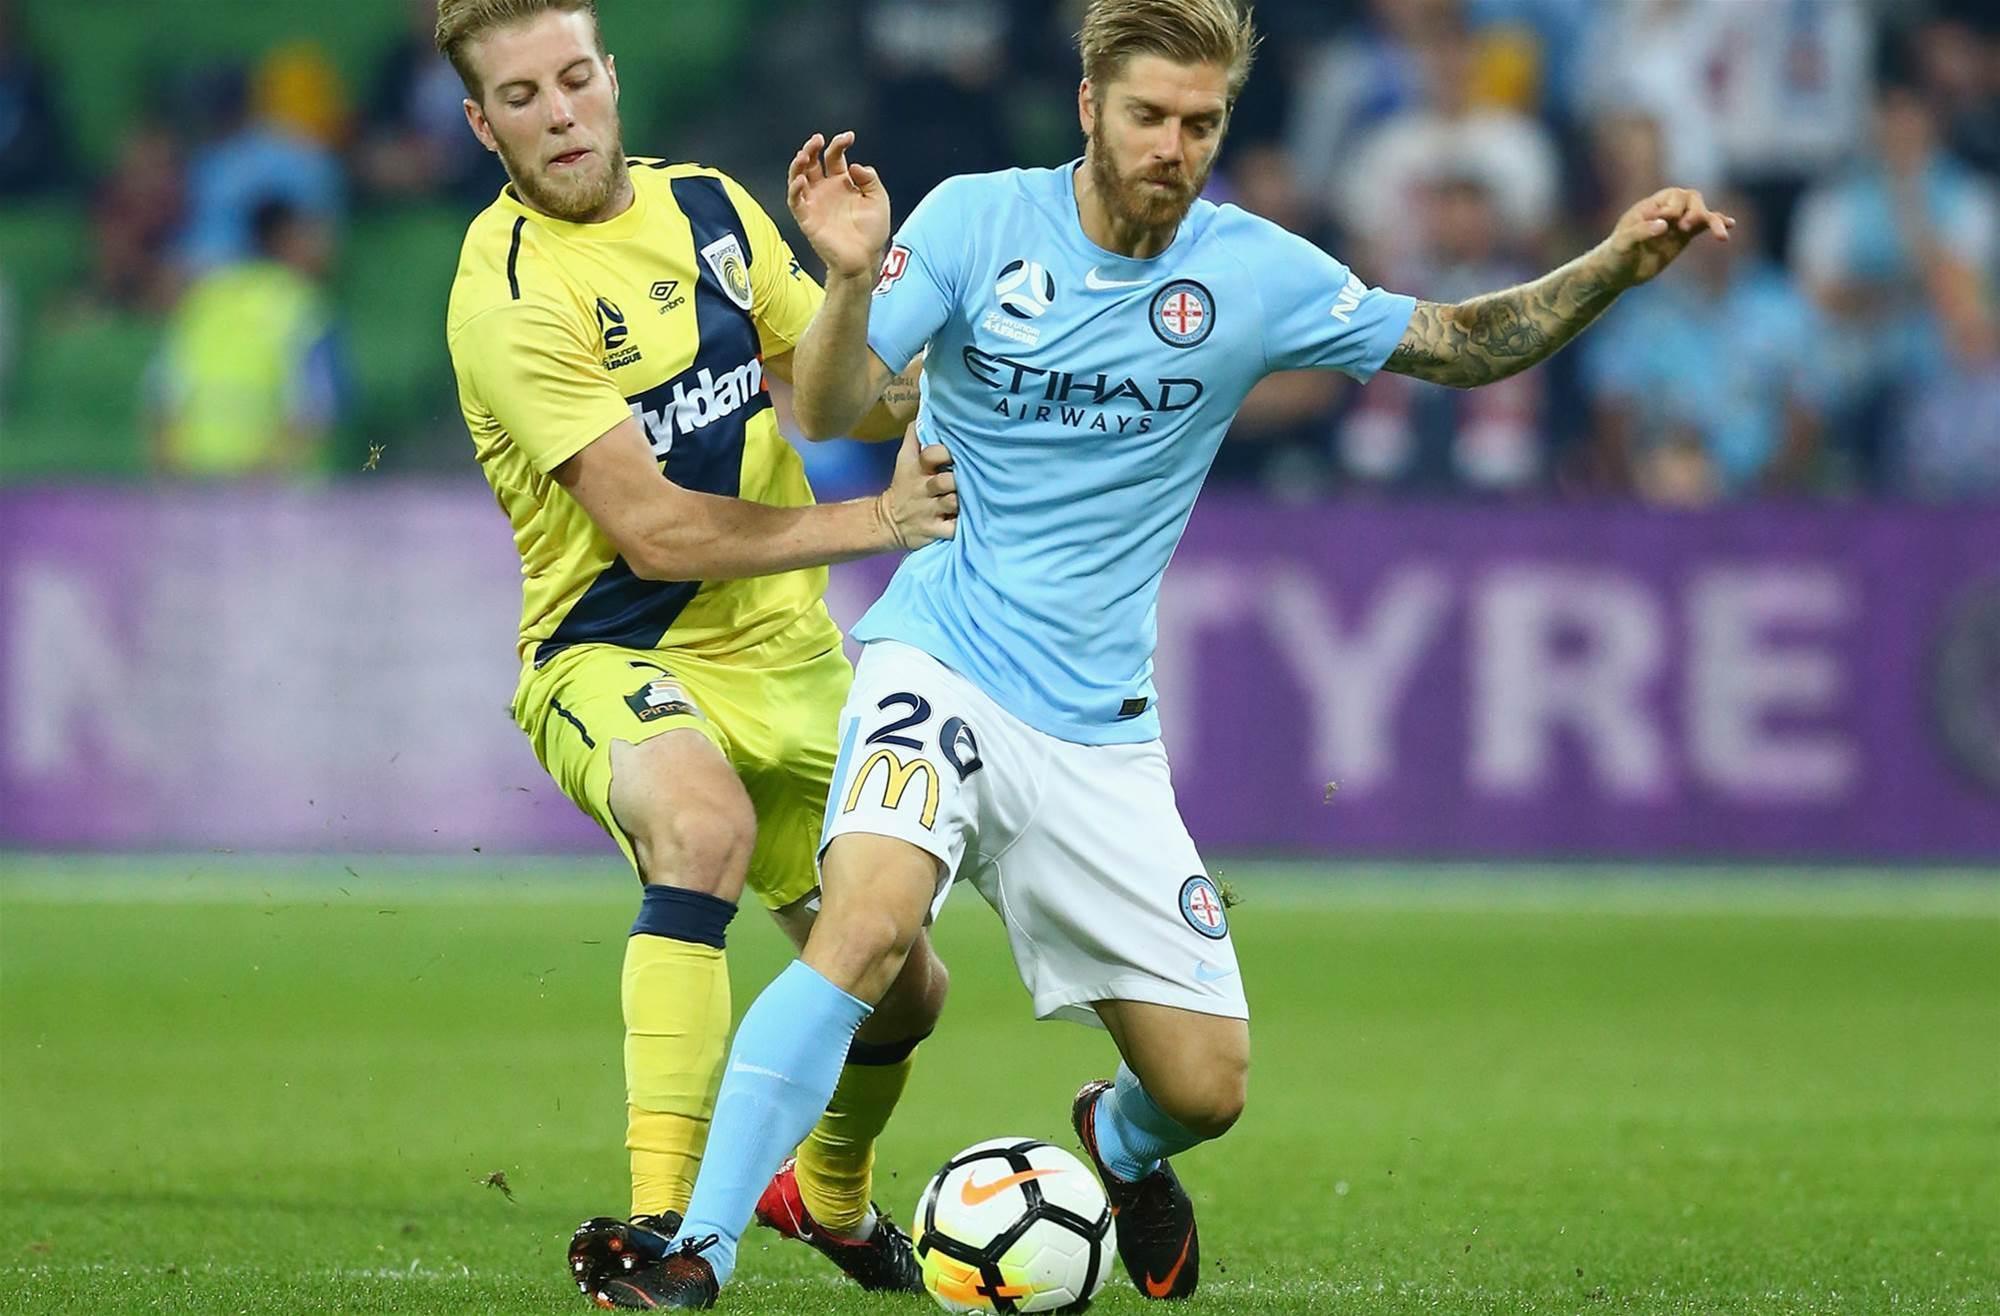 Brattan confident of Melbourne City's title chances after tough win